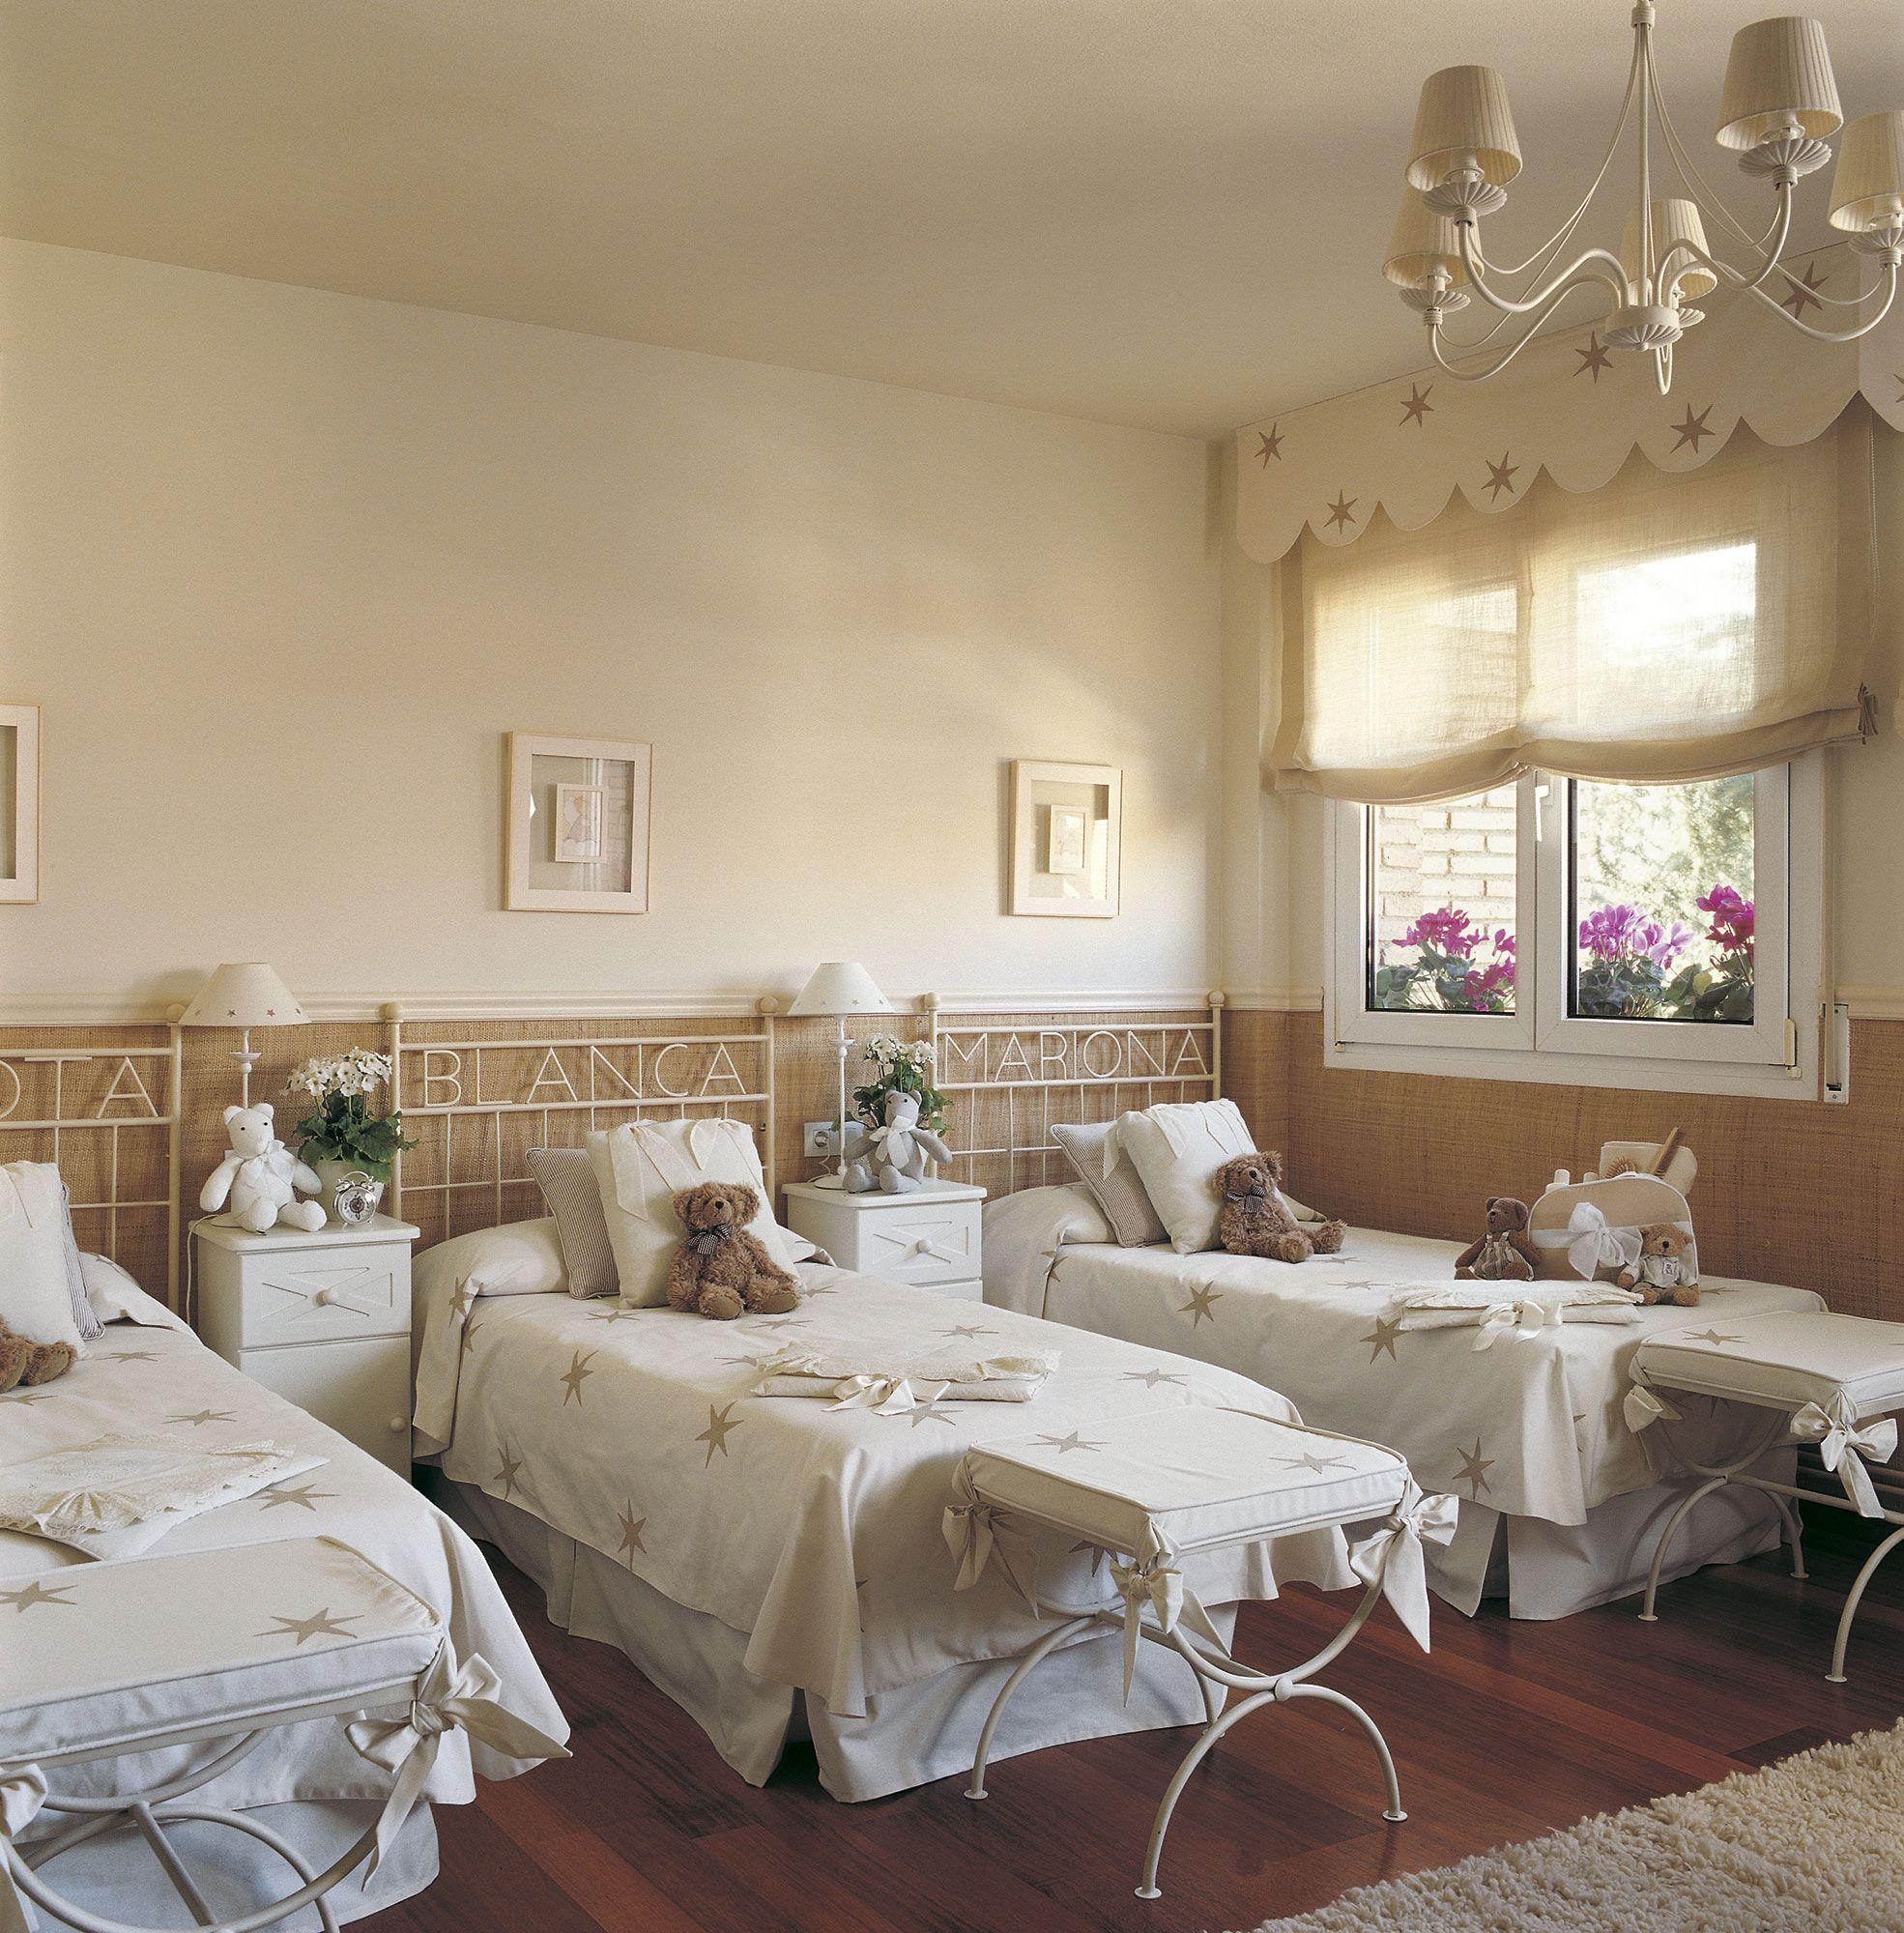 Habitaci n infantil con tres camas en paralelo - Tres camas en habitacion pequena ...